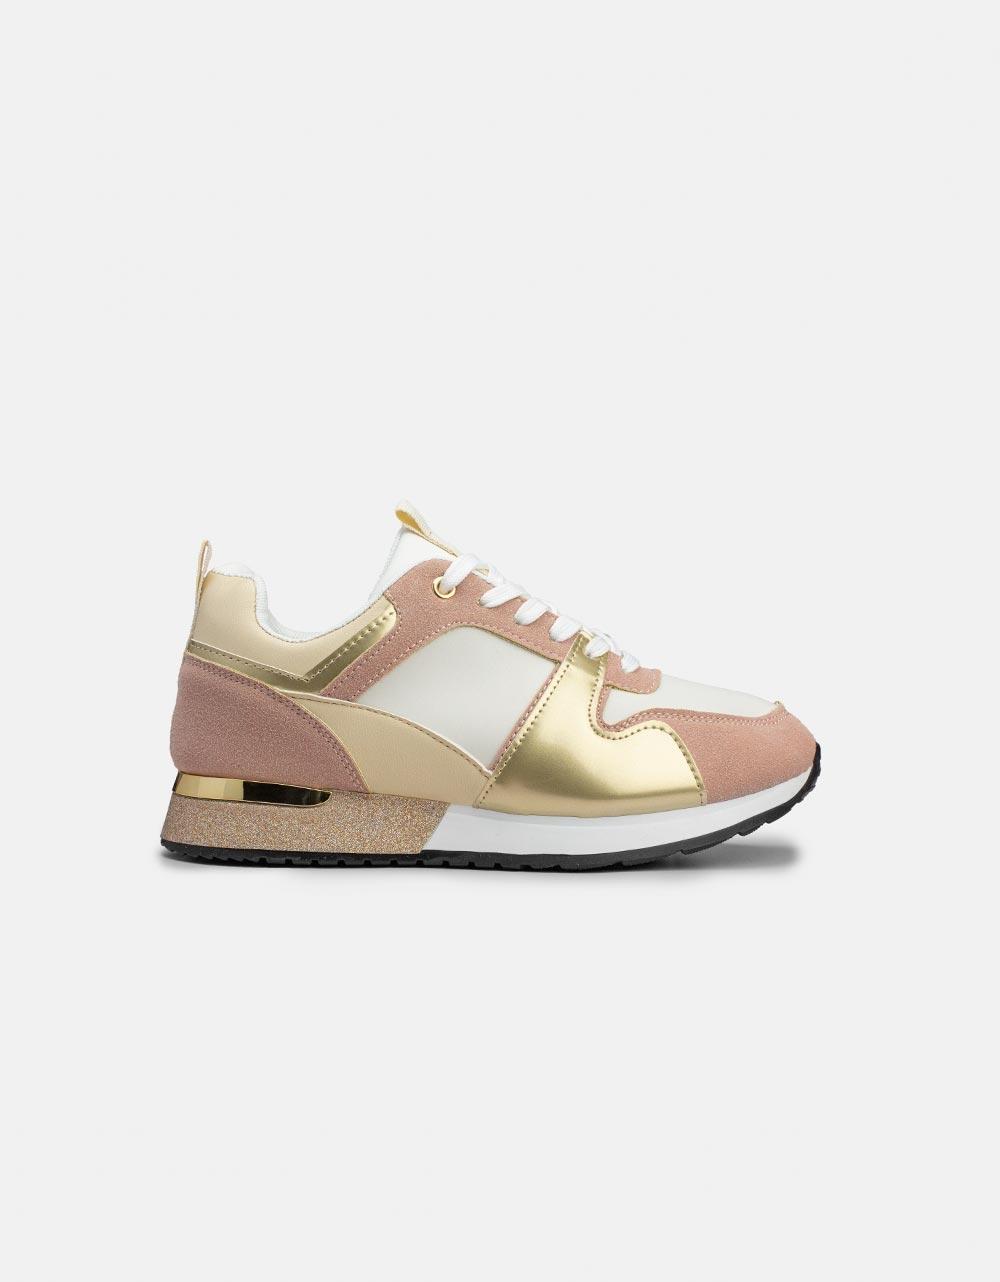 Εικόνα από Γυναικεία sneakers με glitter στην σόλα Μπεζ